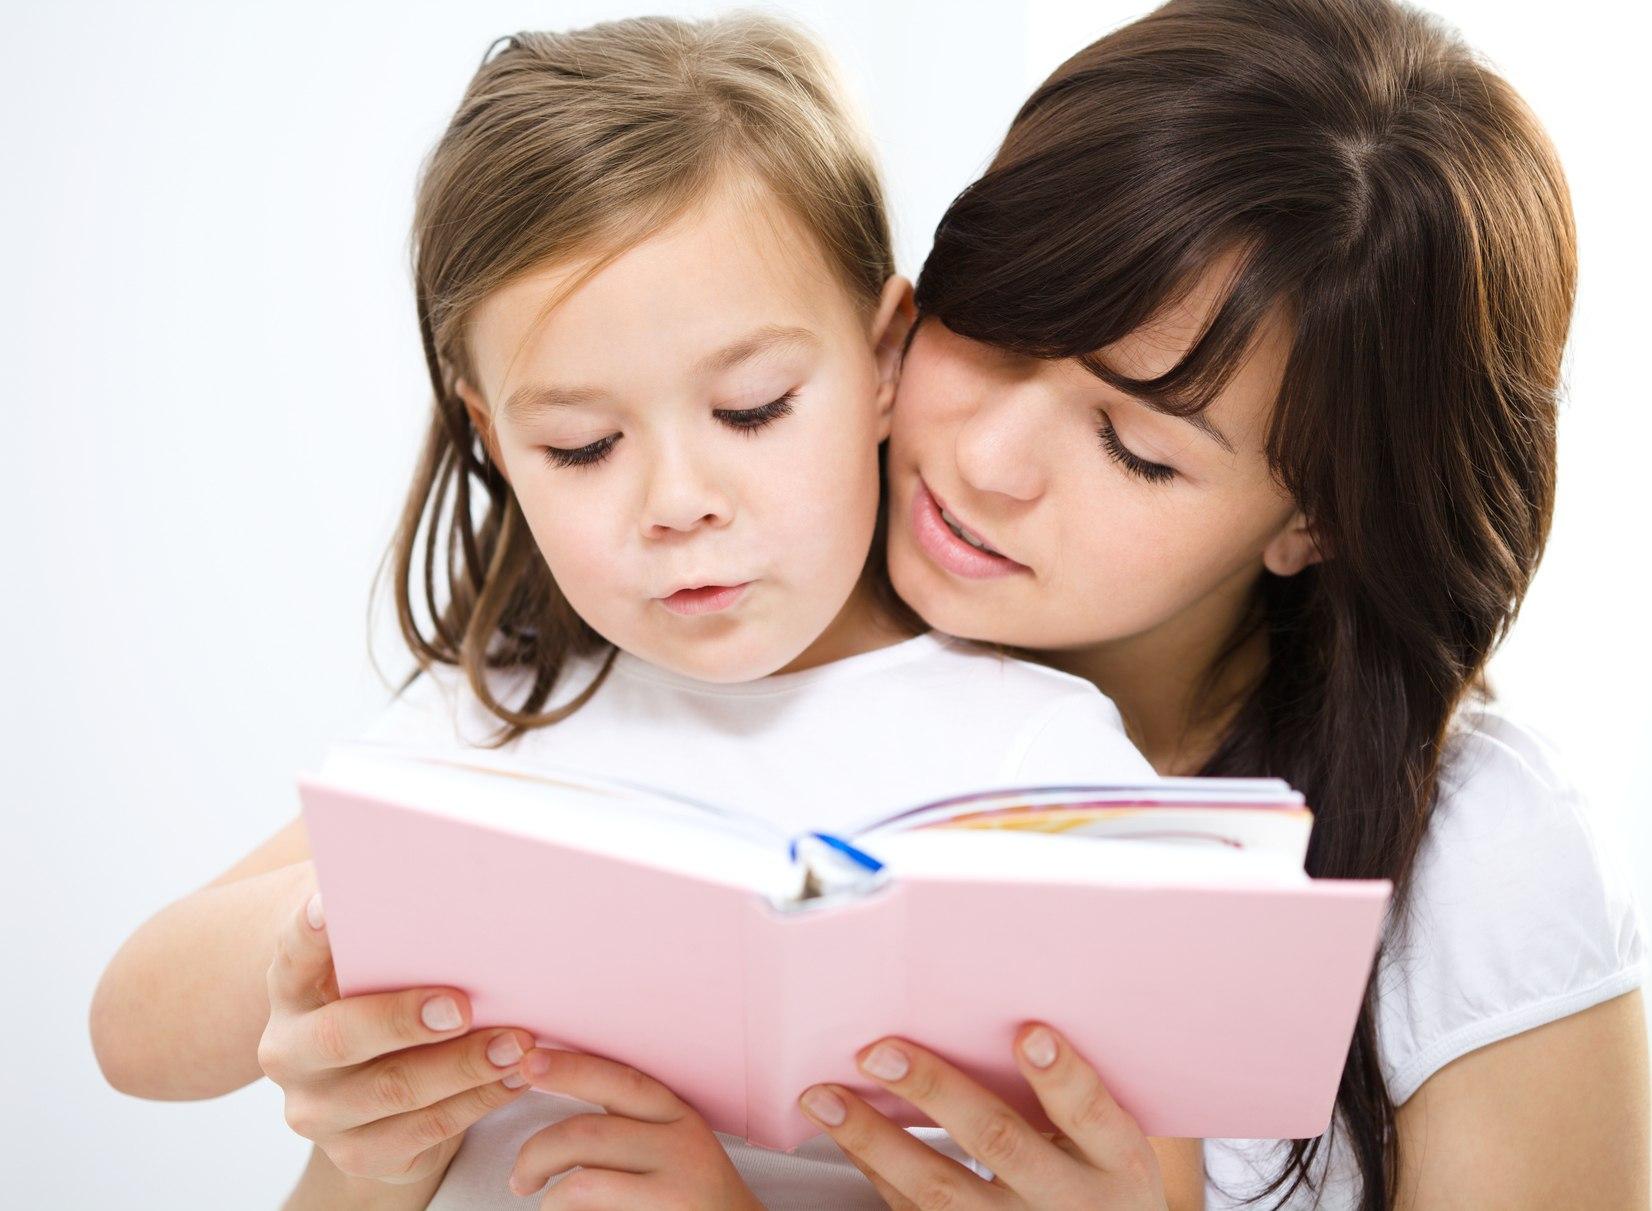 25 hoạt động giúp bé 0-11 tuổi đọc sách thật vui (P1) (Ảnh: Lifehack)